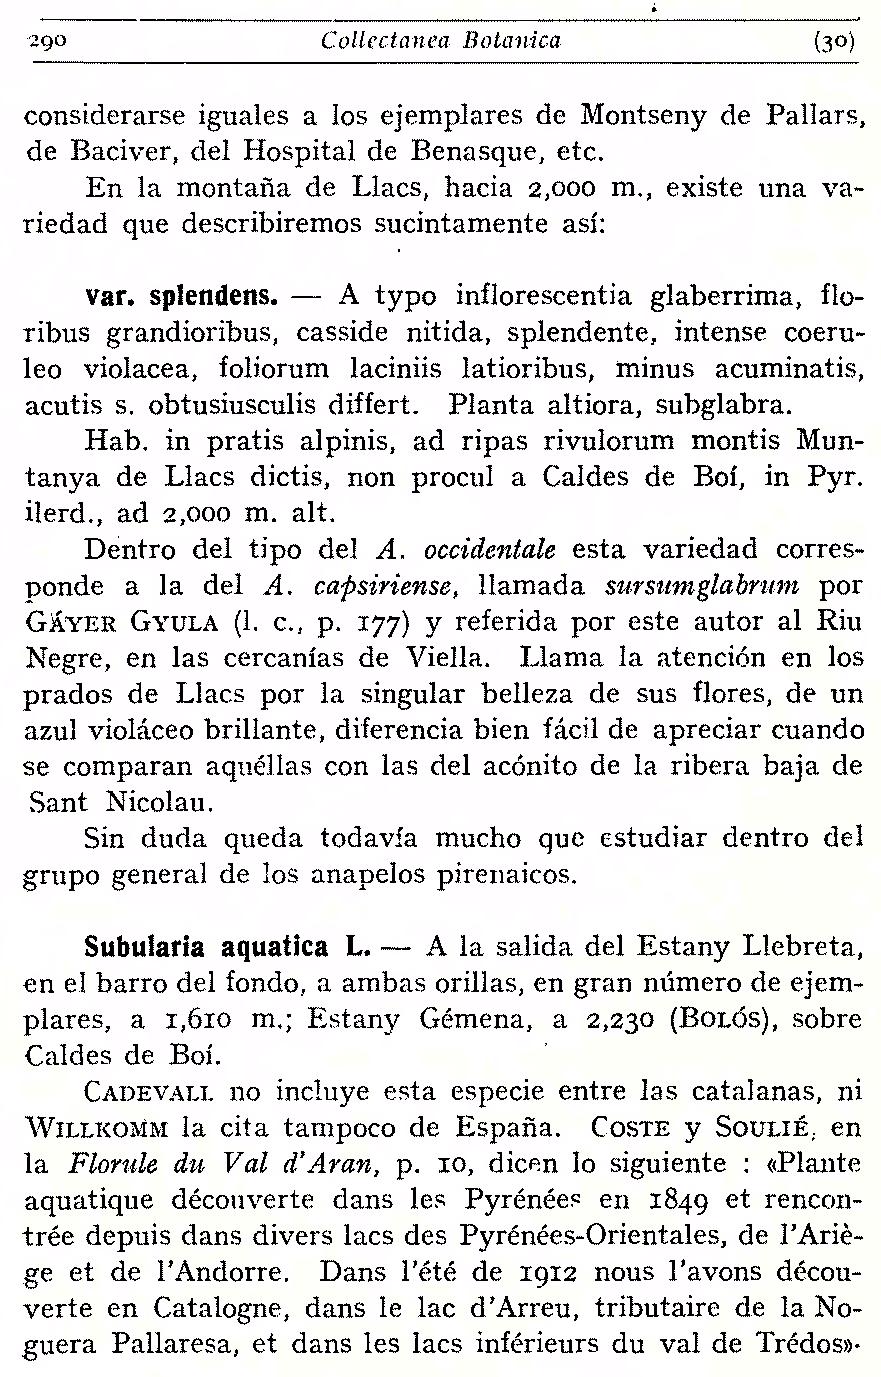 https://forum.plantarium.ru/misc.php?action=pun_attachment&item=29469